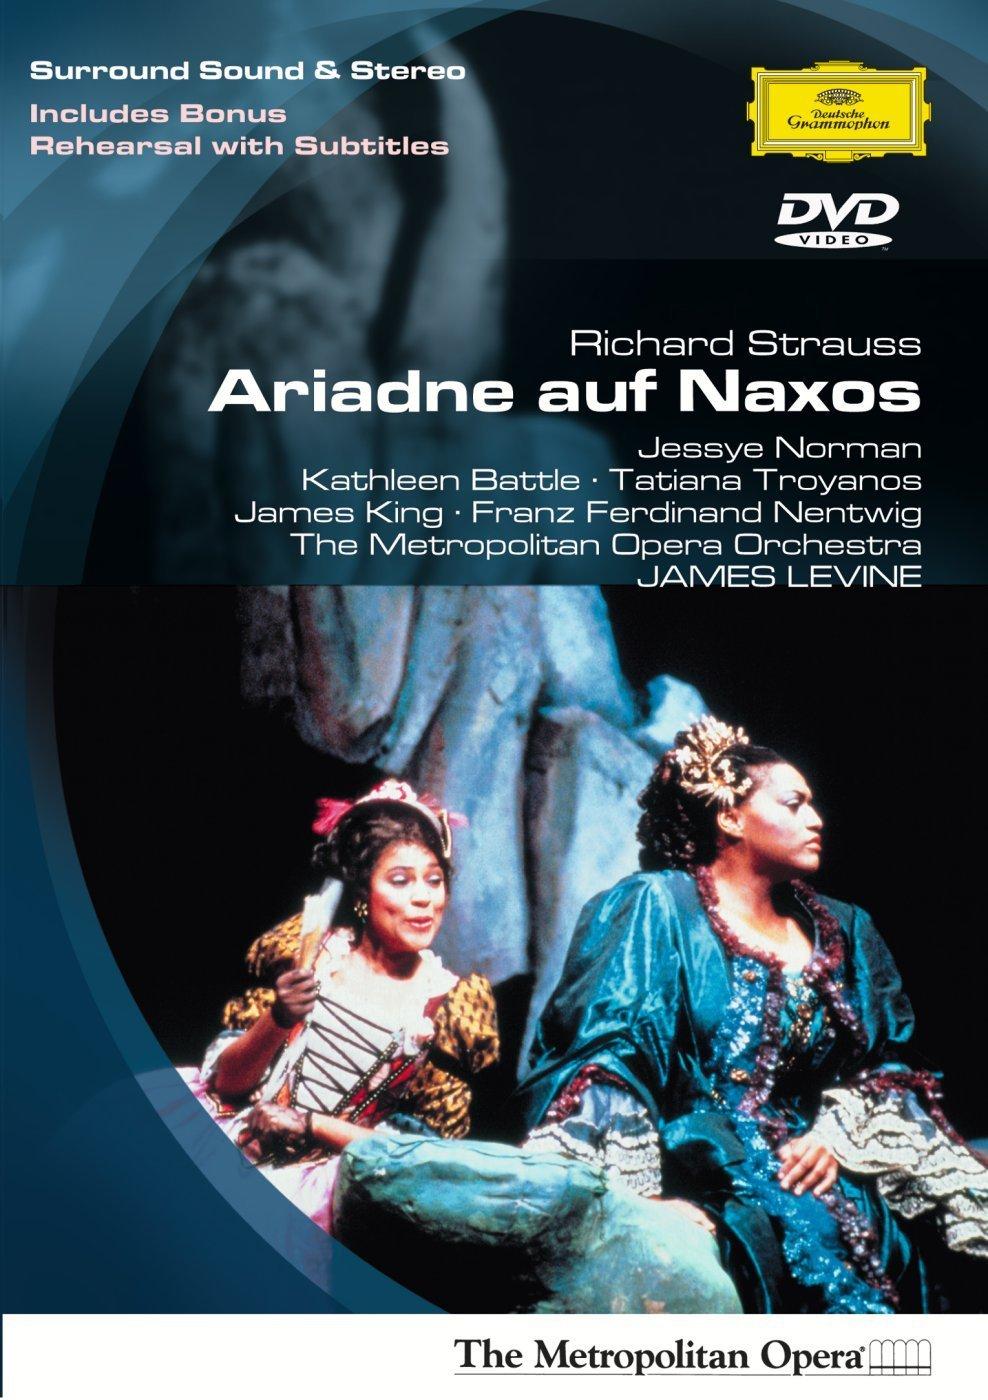 DVD : Metropolitan Opera Orchestra - Ariadne Auf Naxos (DVD)